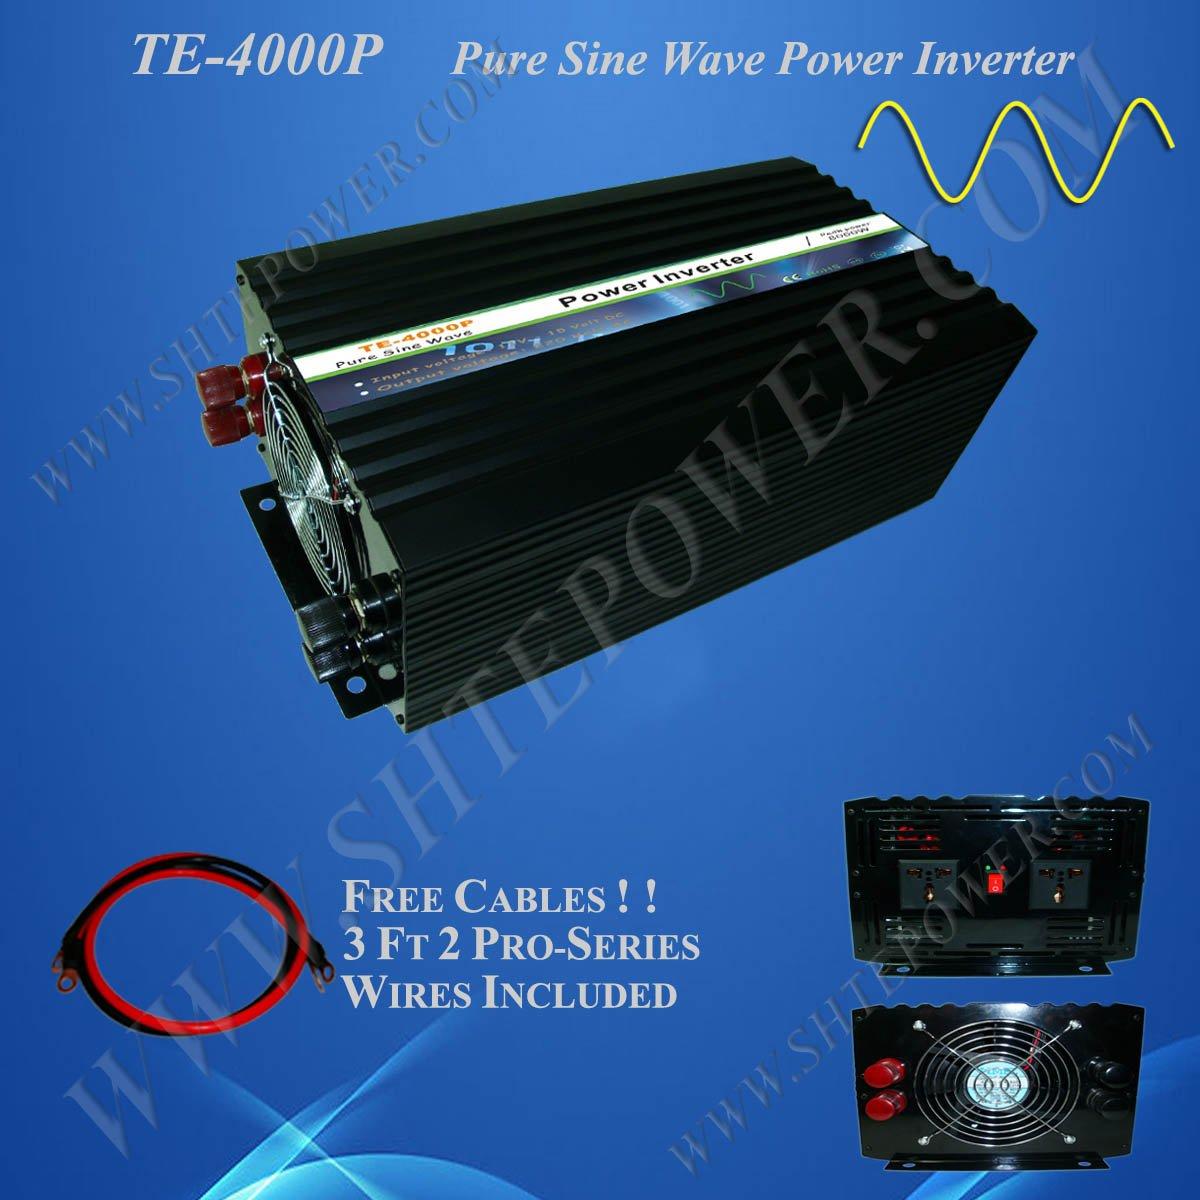 4000w inverter pure sine wave 24v inverter 4000w 24v dc to 120v ac inverter4000w inverter pure sine wave 24v inverter 4000w 24v dc to 120v ac inverter